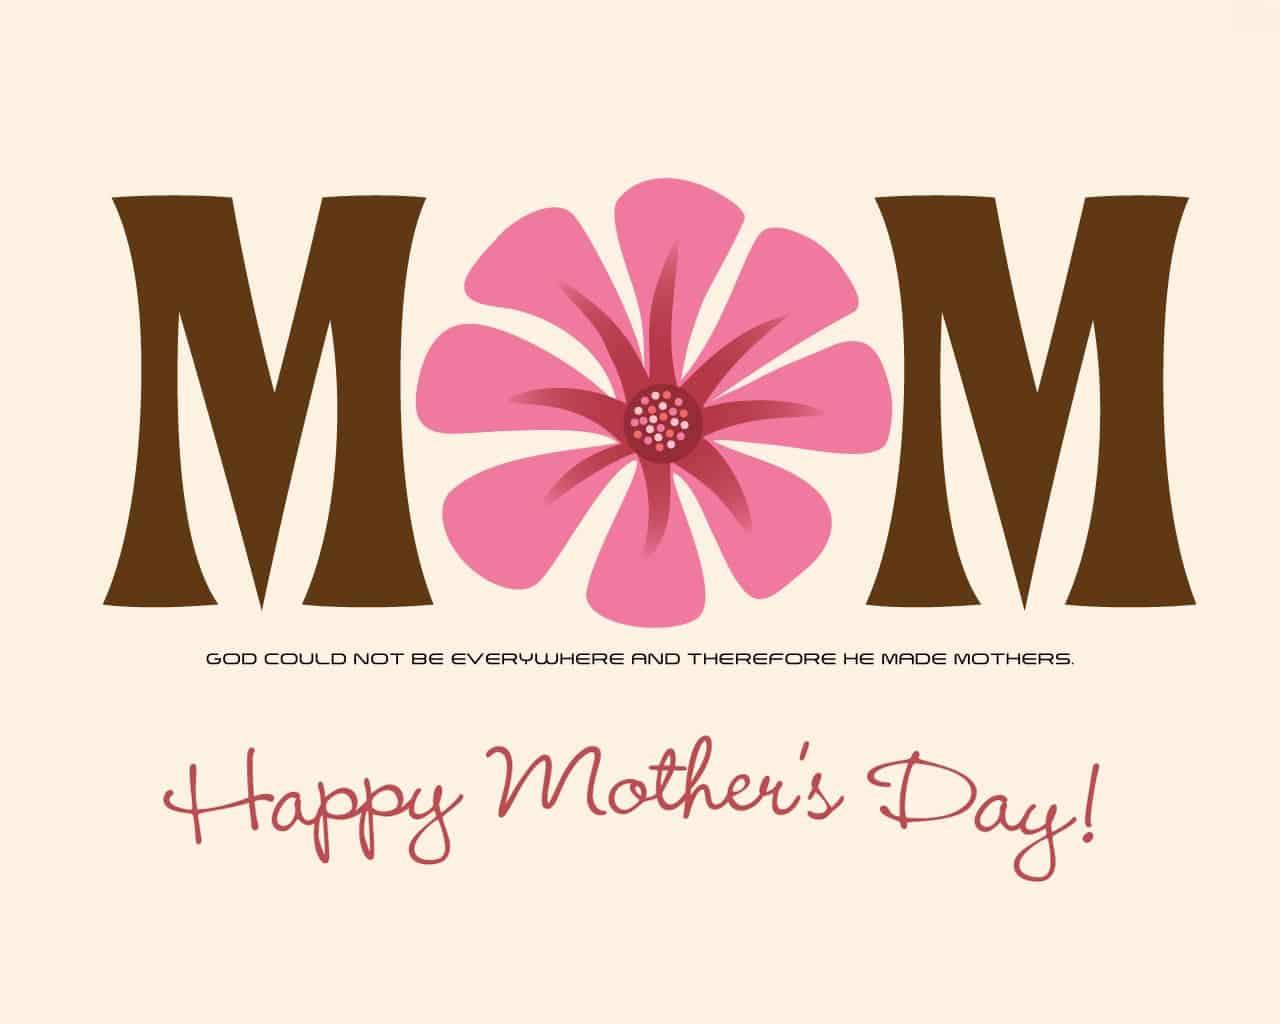 صور وكروت وبطاقات معايدة لعيد الأم - Happy Mother's Day 2020 2